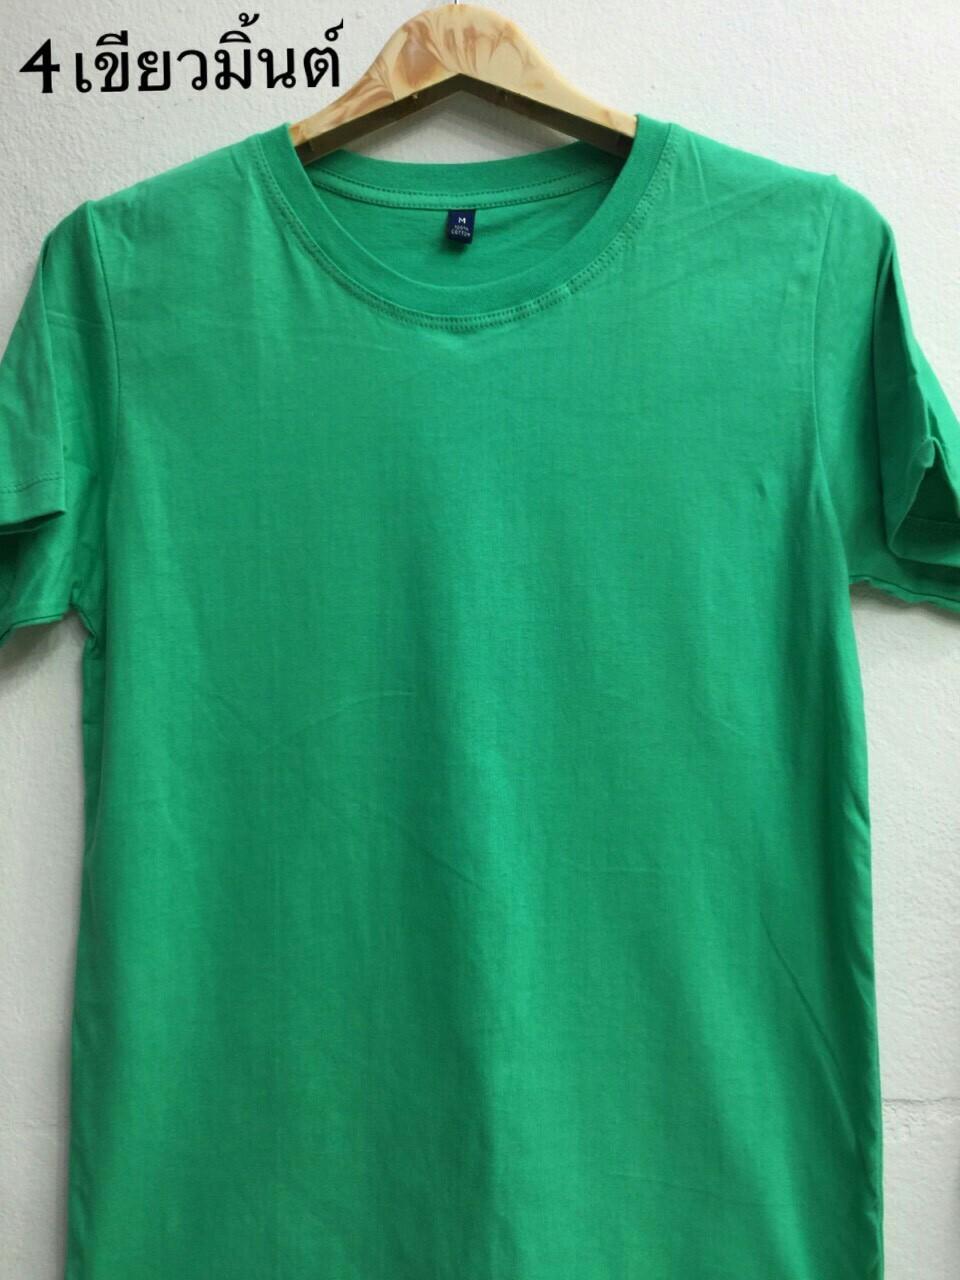 เสื้อ Cotton สีเขียวมิ้น ไซส์ S,M,L